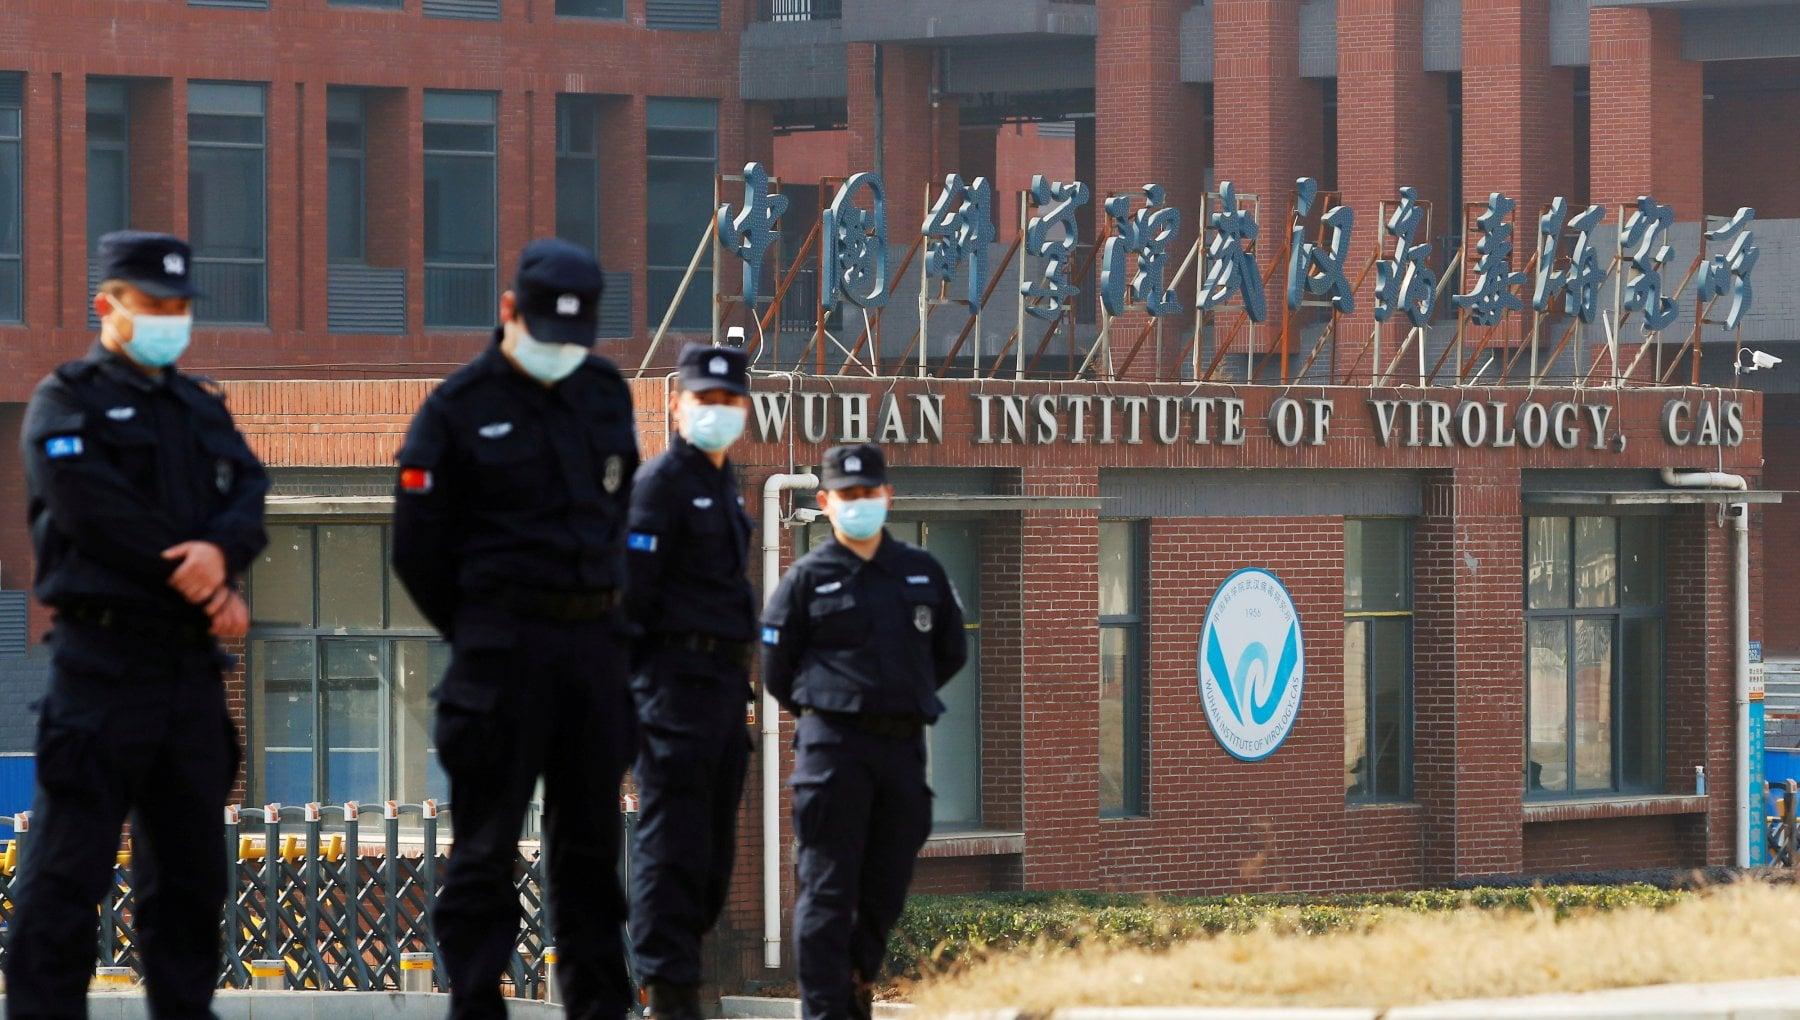 """200400997 9d723b41 2a65 4679 a499 4b318c8e686a - Biden all'intelligence Usa: """"Raddoppiate gli sforzi, 90 giorni per scoprire com'è iniziato il Covid in Cina"""""""